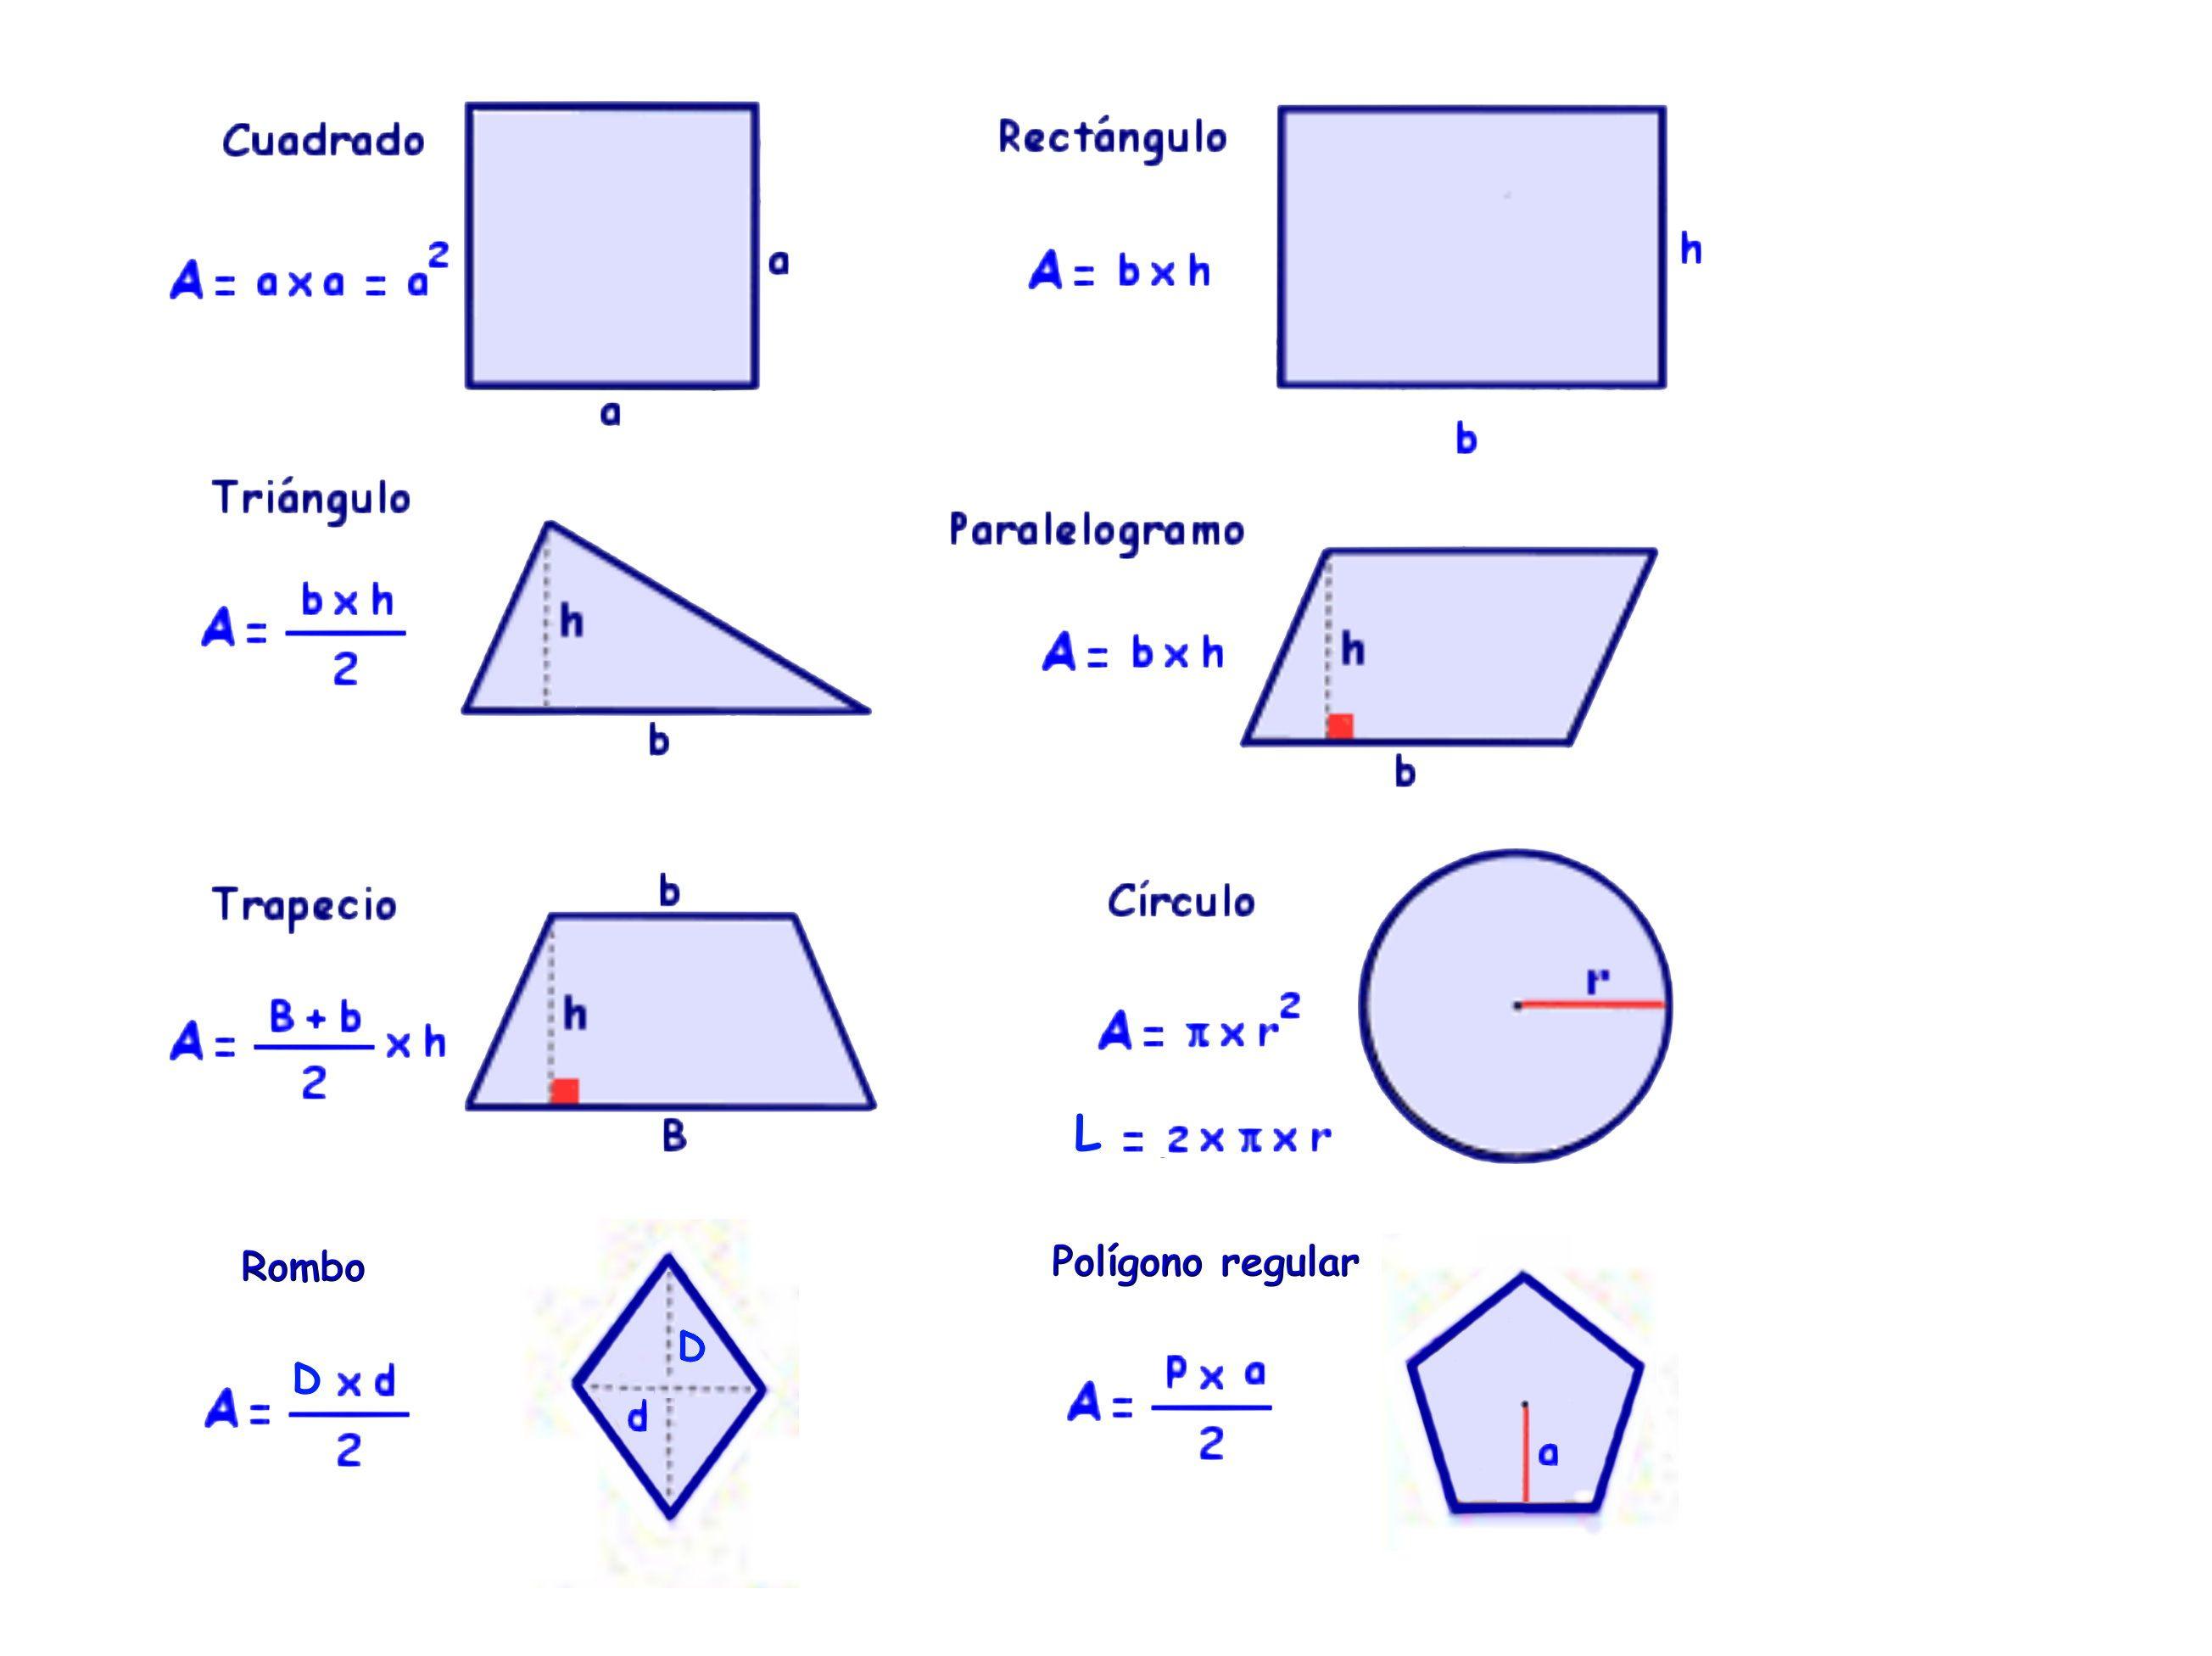 Matematicas Pinosierra Primaria Lamina De Formulas Para Calcular El Area De Figuras Planas